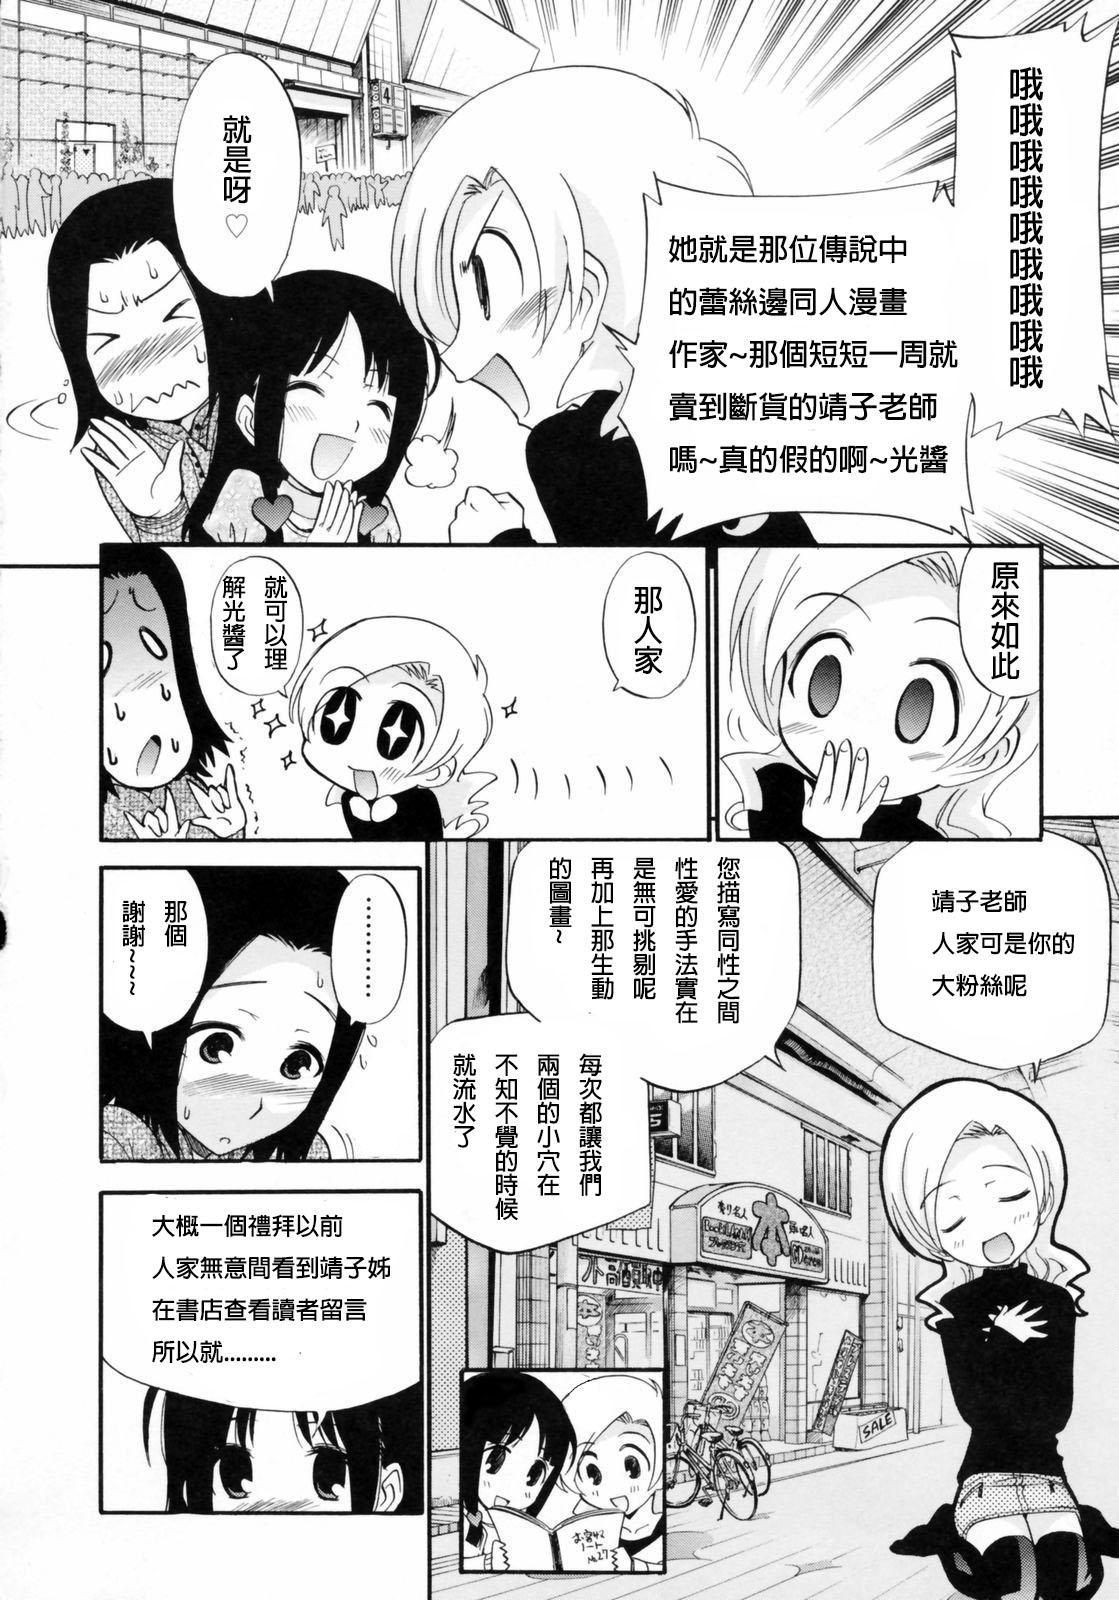 [Kamirenjaku Sanpei] Watashi o Ariake e Tsuretette! - Take me to Ariake! Ch. 1-4 [Chinese] [伍拾漢化] 25